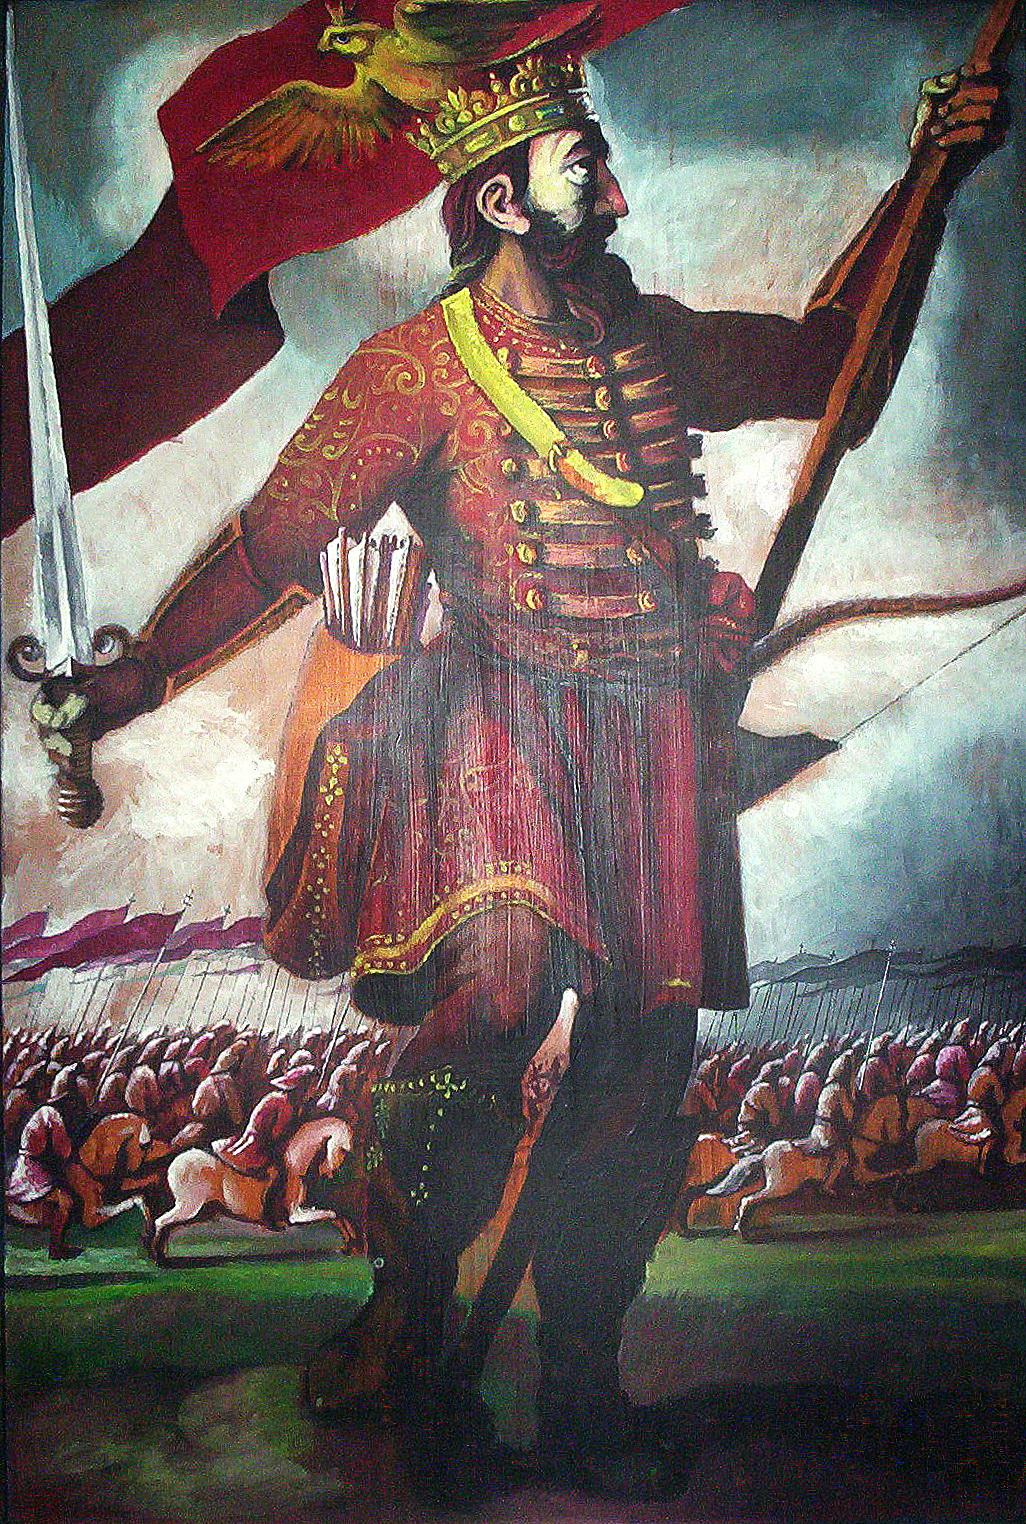 attila király képek Fájl:Atilla kiraly szines eles. – Wikipédia attila király képek